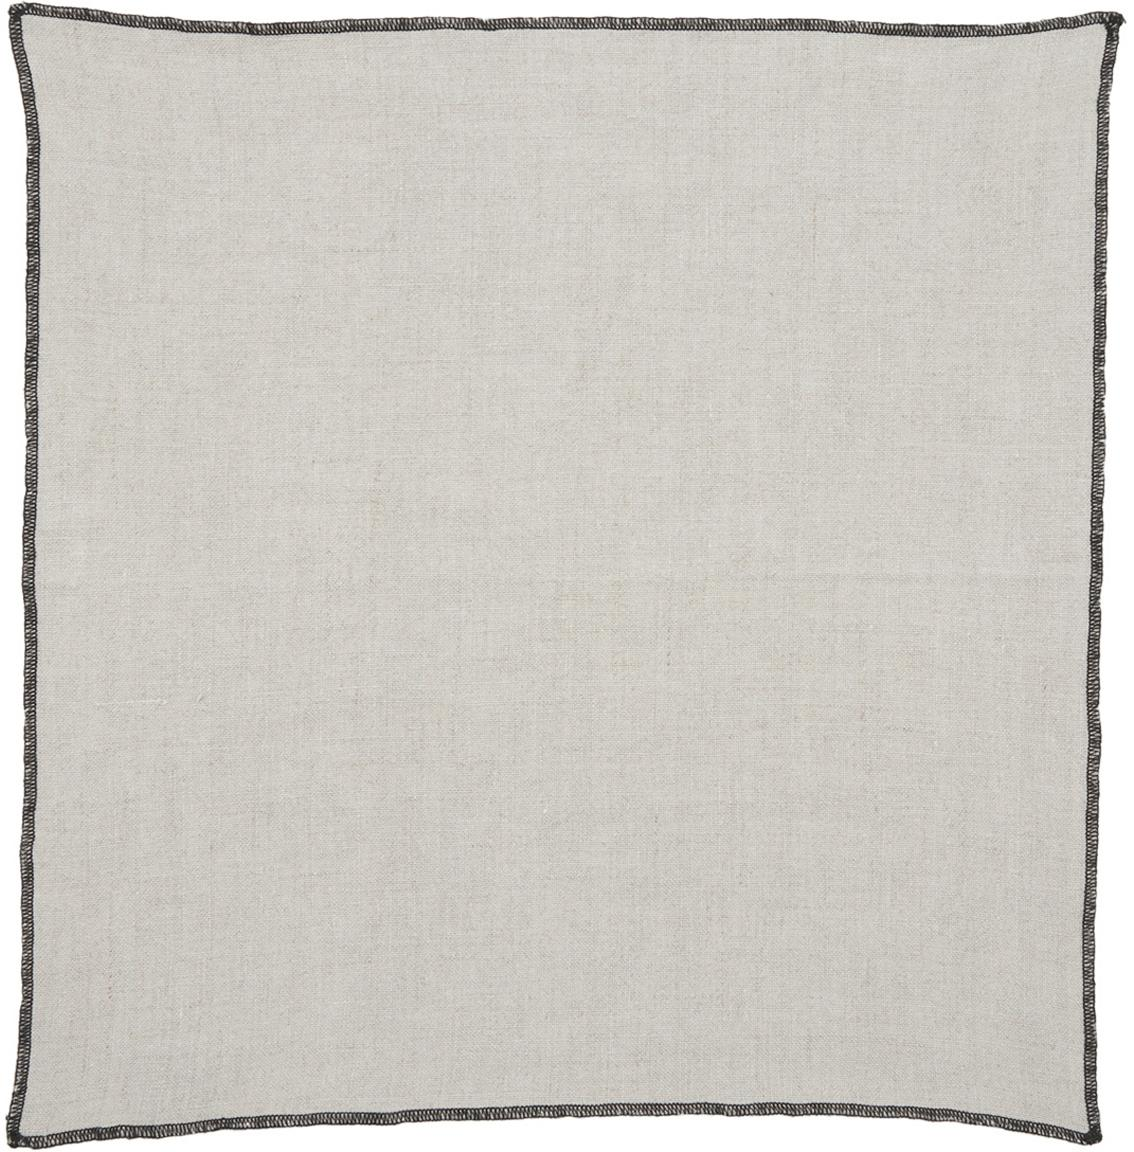 Leinen-Servietten Letia, 2 Stück, Leinen, Beige, Schwarz, 41 x 41 cm